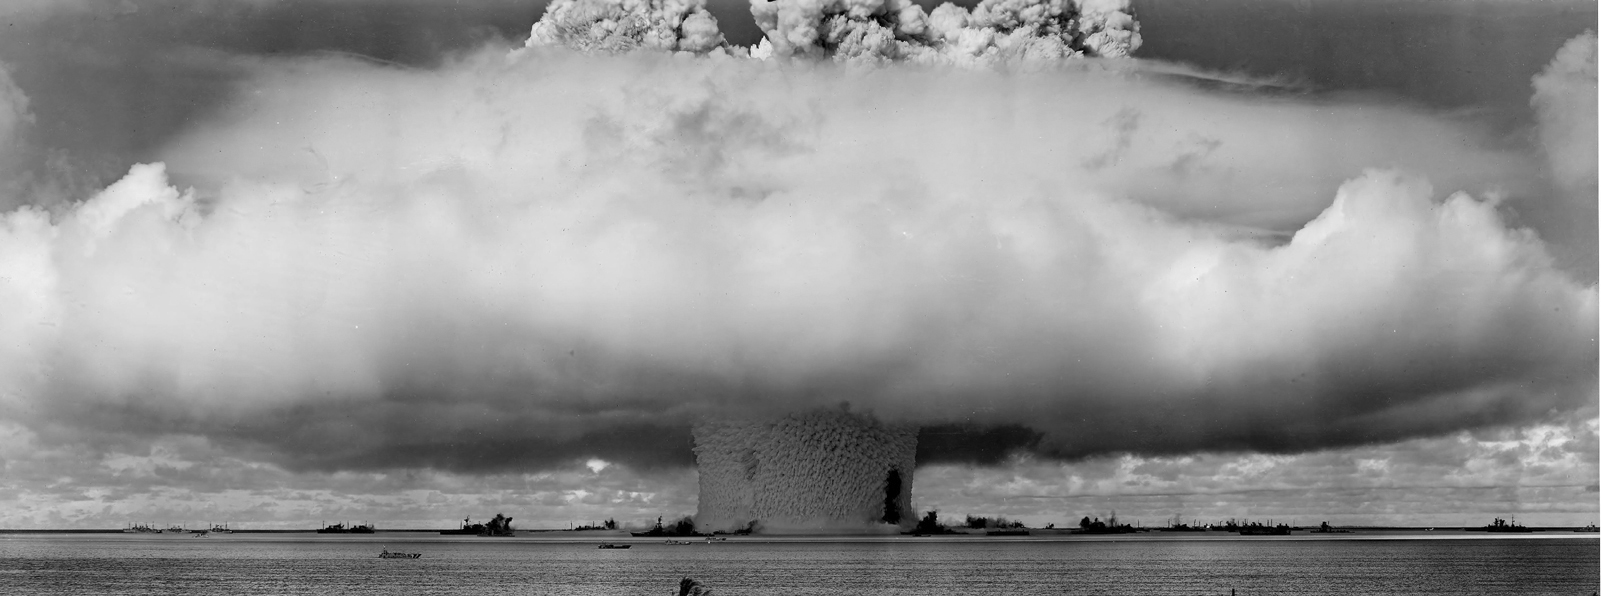 Советский ядерный удар по базе ВМФ Украинской ССР в Севастополе. Ноябрь 1963 года